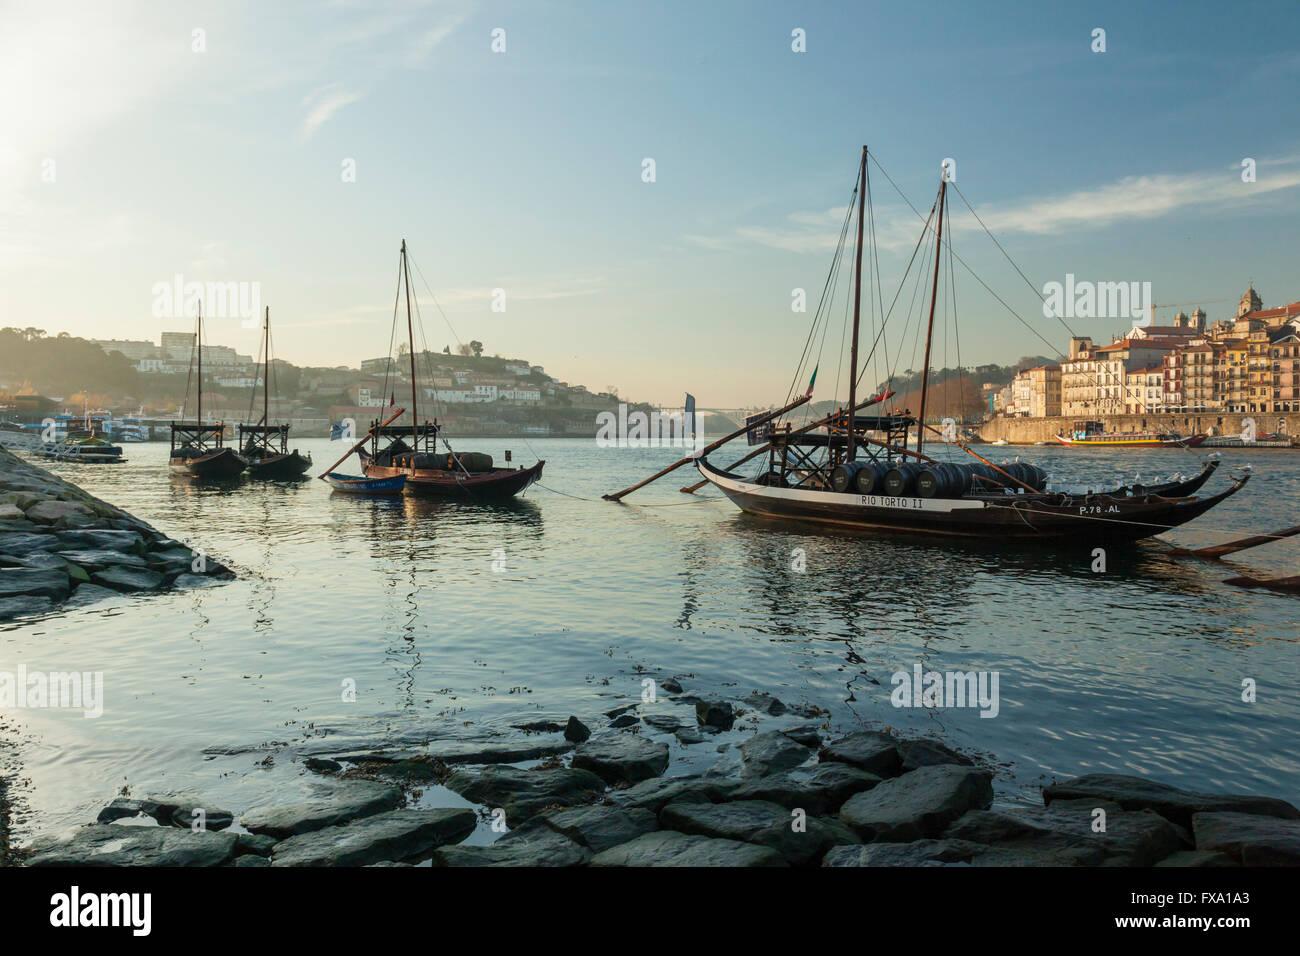 Evening on river Douro in Oporto (Porto), Portugal. - Stock Image